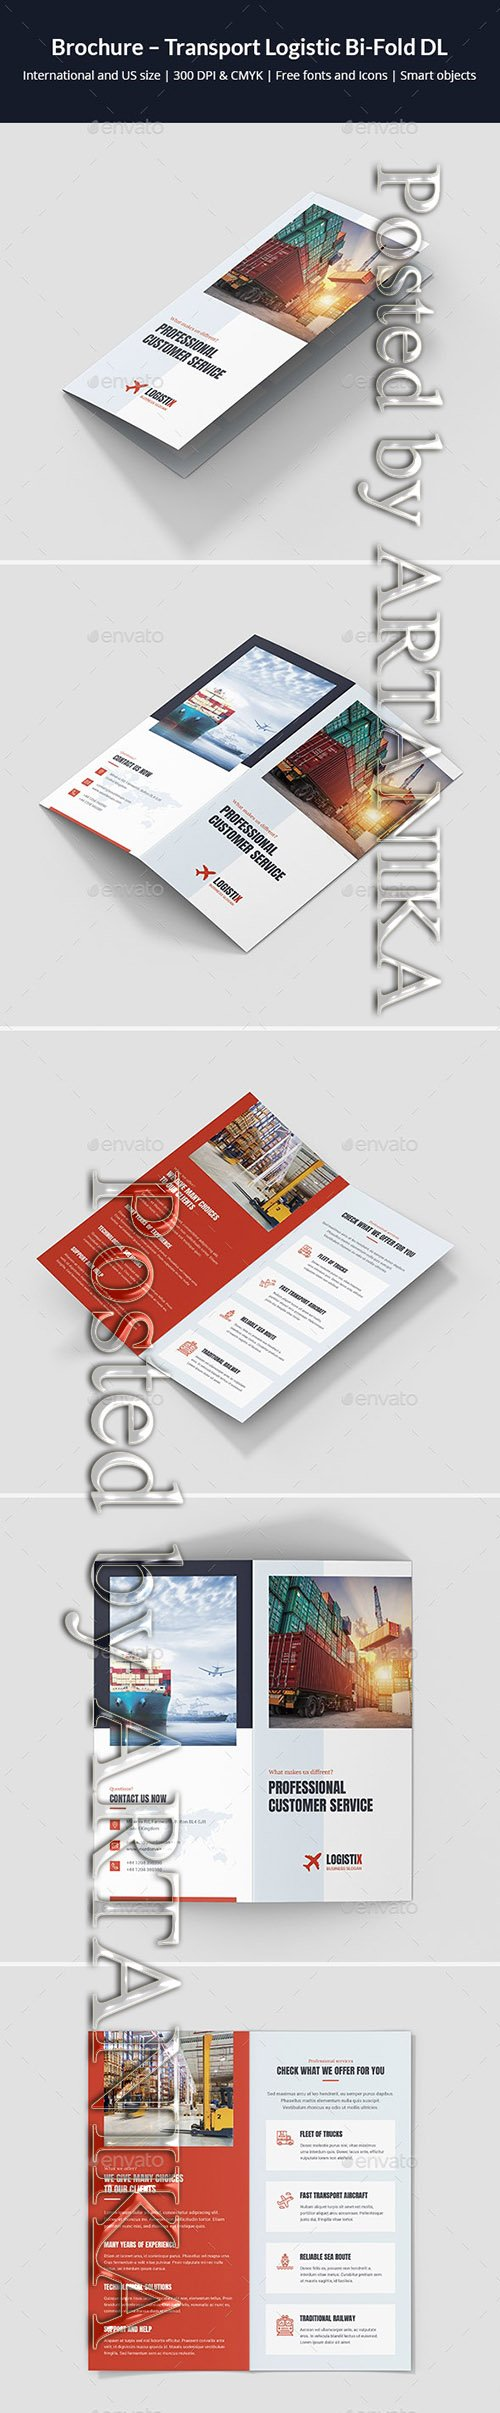 GraphicRiver - Brochure Transport Logistic Bi-Fold DL 21808591